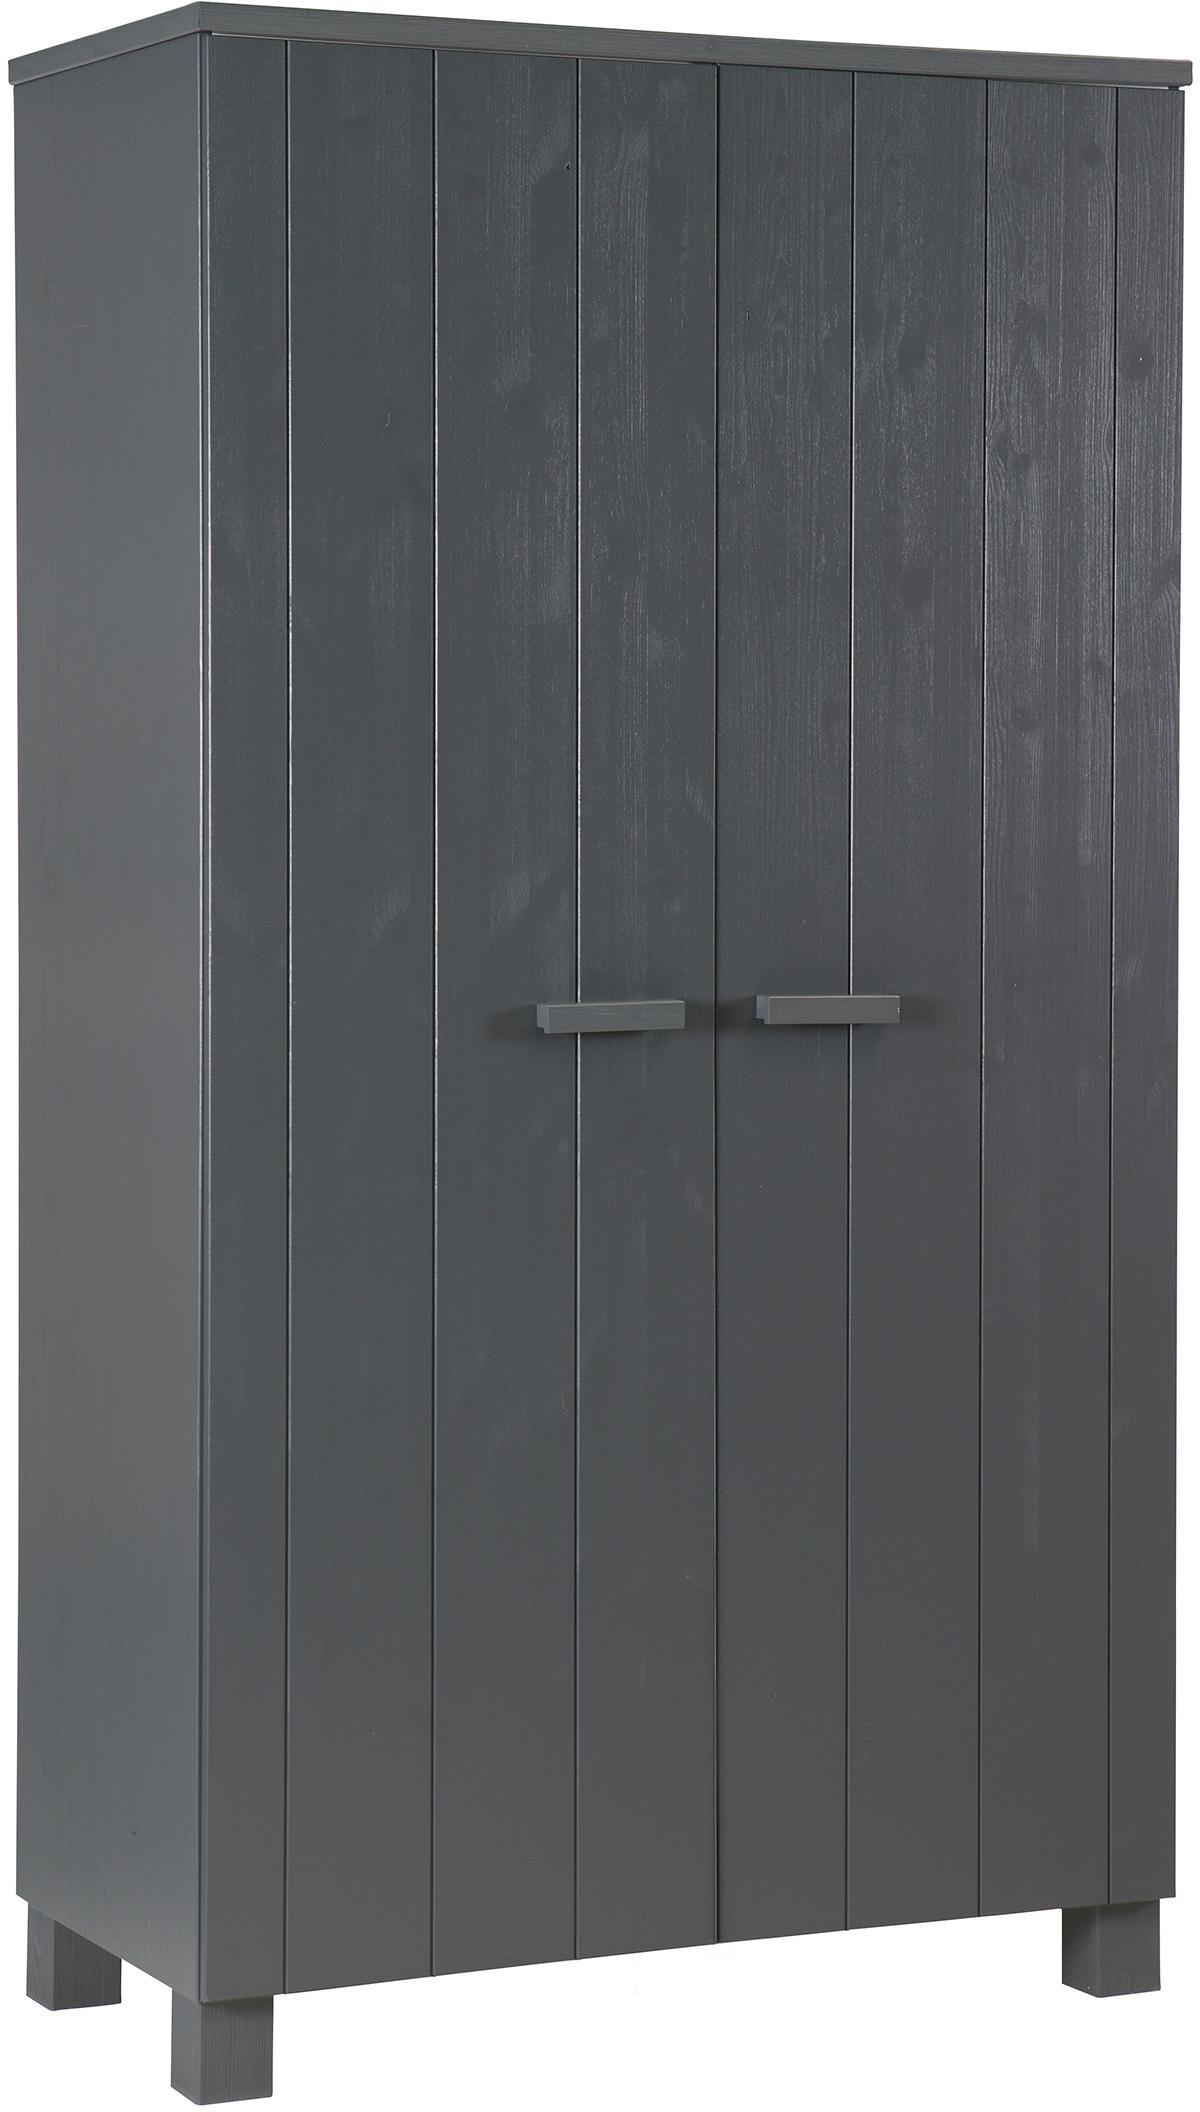 Kledingkast Dennis van grenenhout, Frame: gelakt en gelakt grenenho, Staalgrijs, 111 x 202 cm